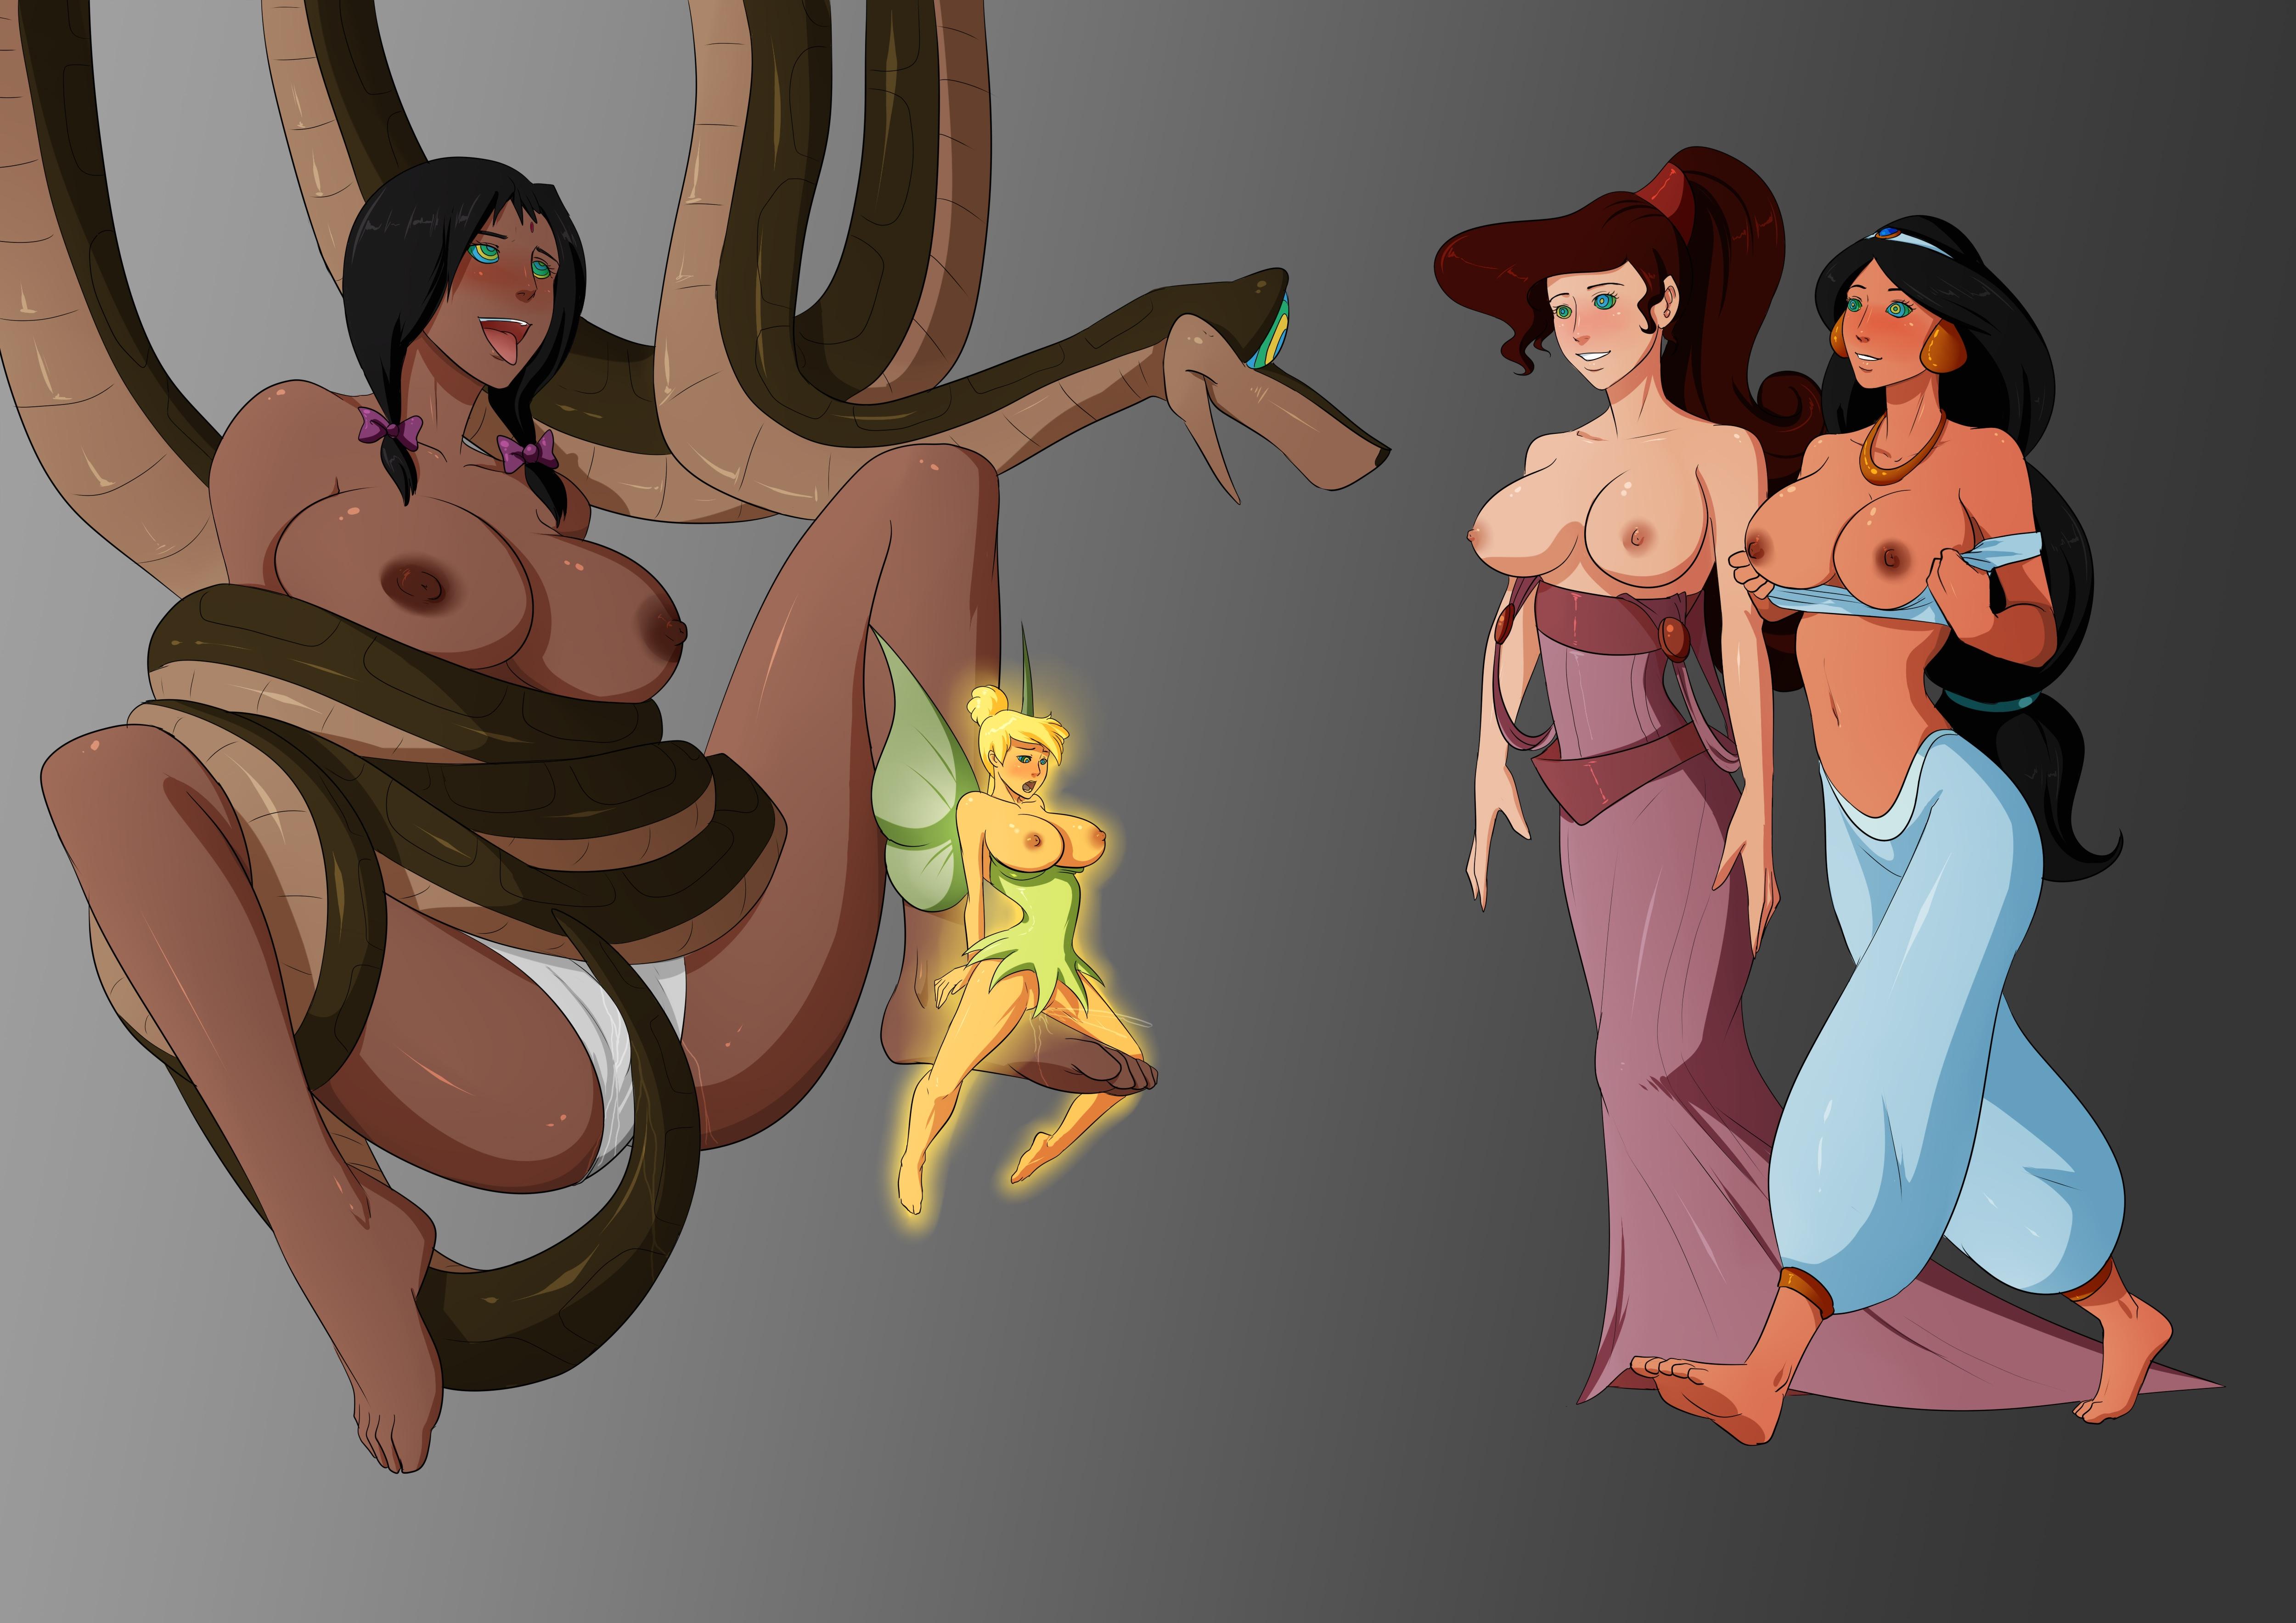 Ariel And Mowgli Porn hercules kaa megara princess jasmine shanti tinker bell